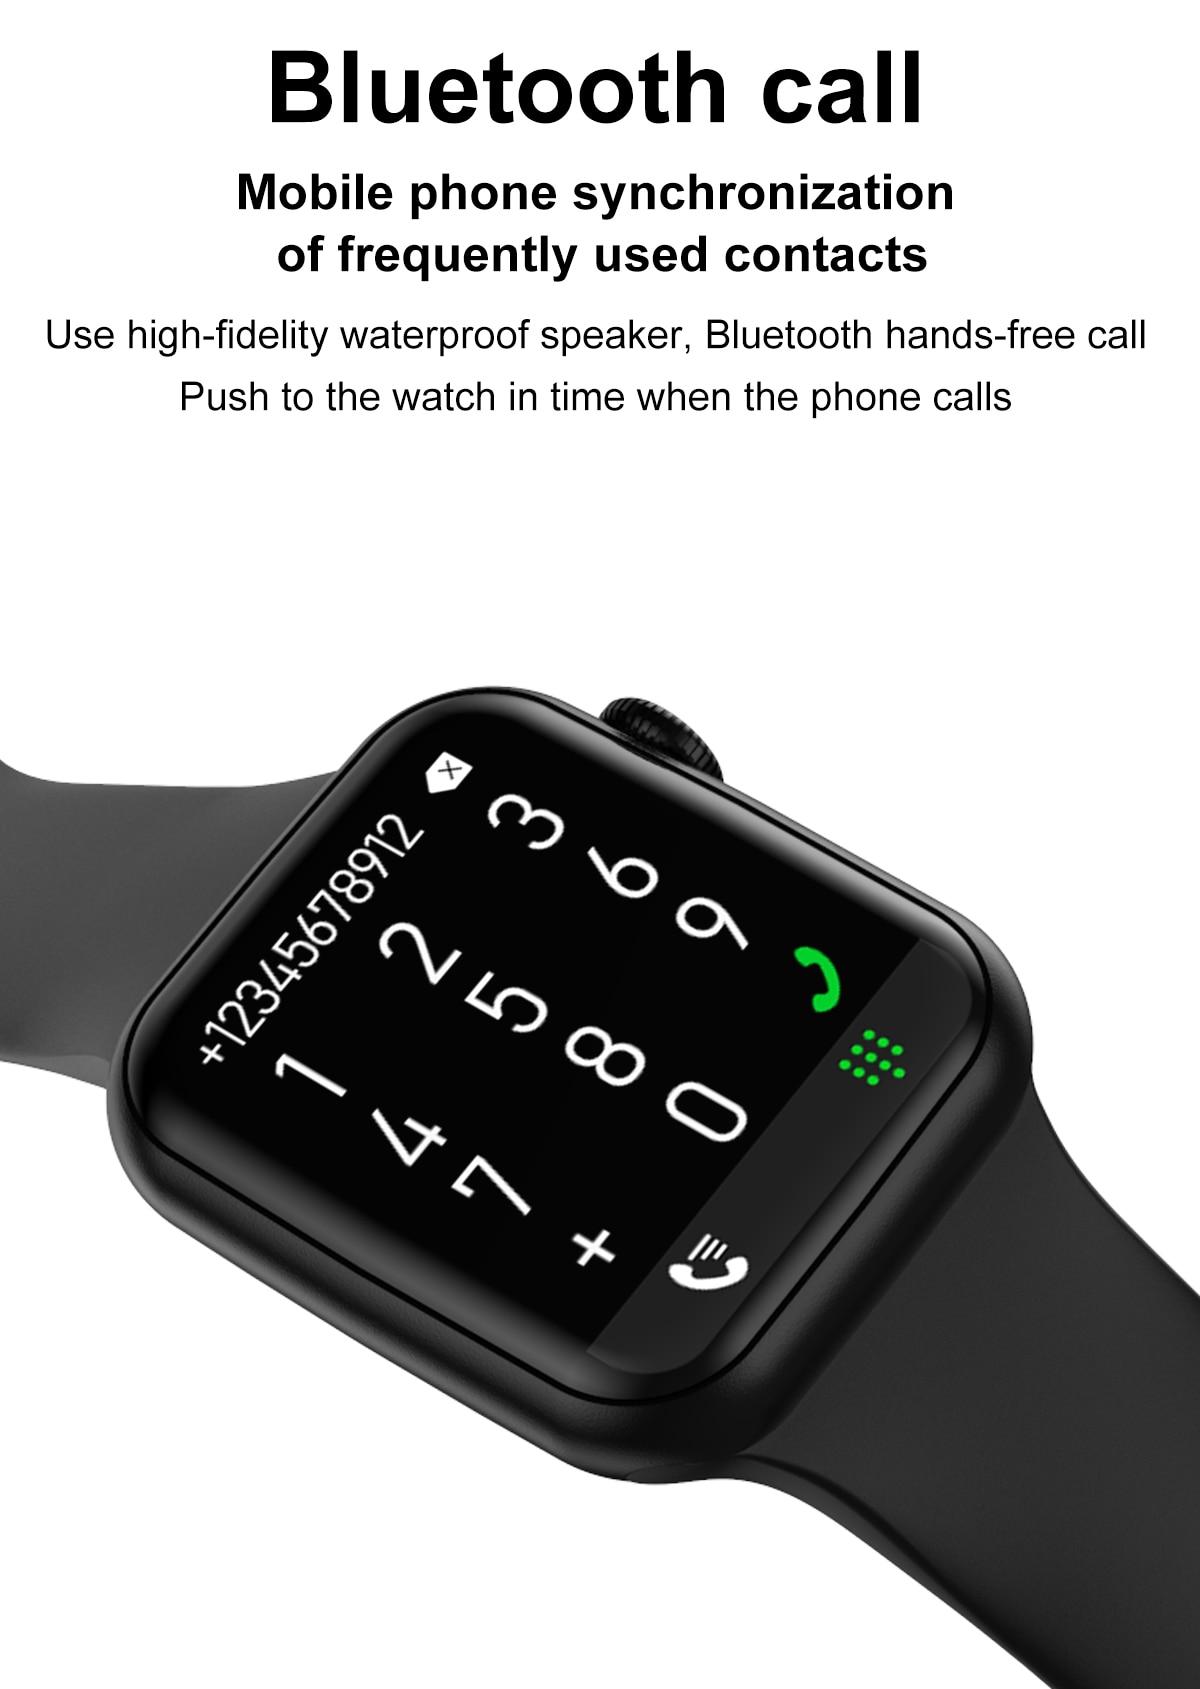 H3e7bcd6d55dc46c9bd2b615933ae54273 DT100 pro Smart Watch Bluetooth Call Custom Dynamic Watch Face IP68 Waterproof Smartwatch Men Women for Apple Watch Iwo W26